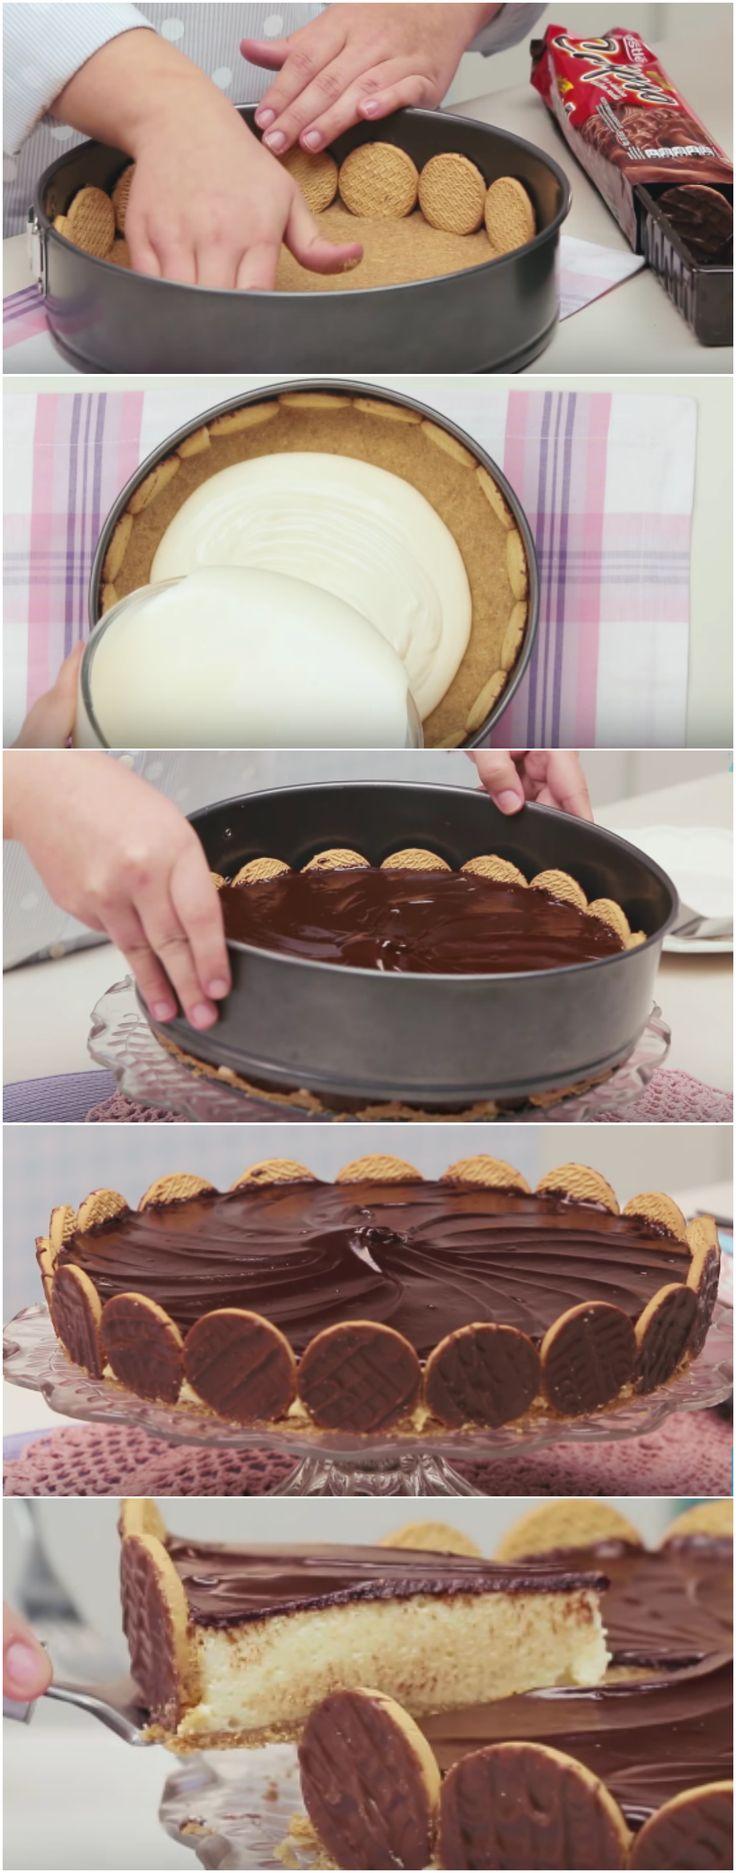 Aprenda a fazer a MELHOR E MAIS FÁCIL TORTA HOLANDESA do mundo! #torta #tortaholandesa #sobremesa